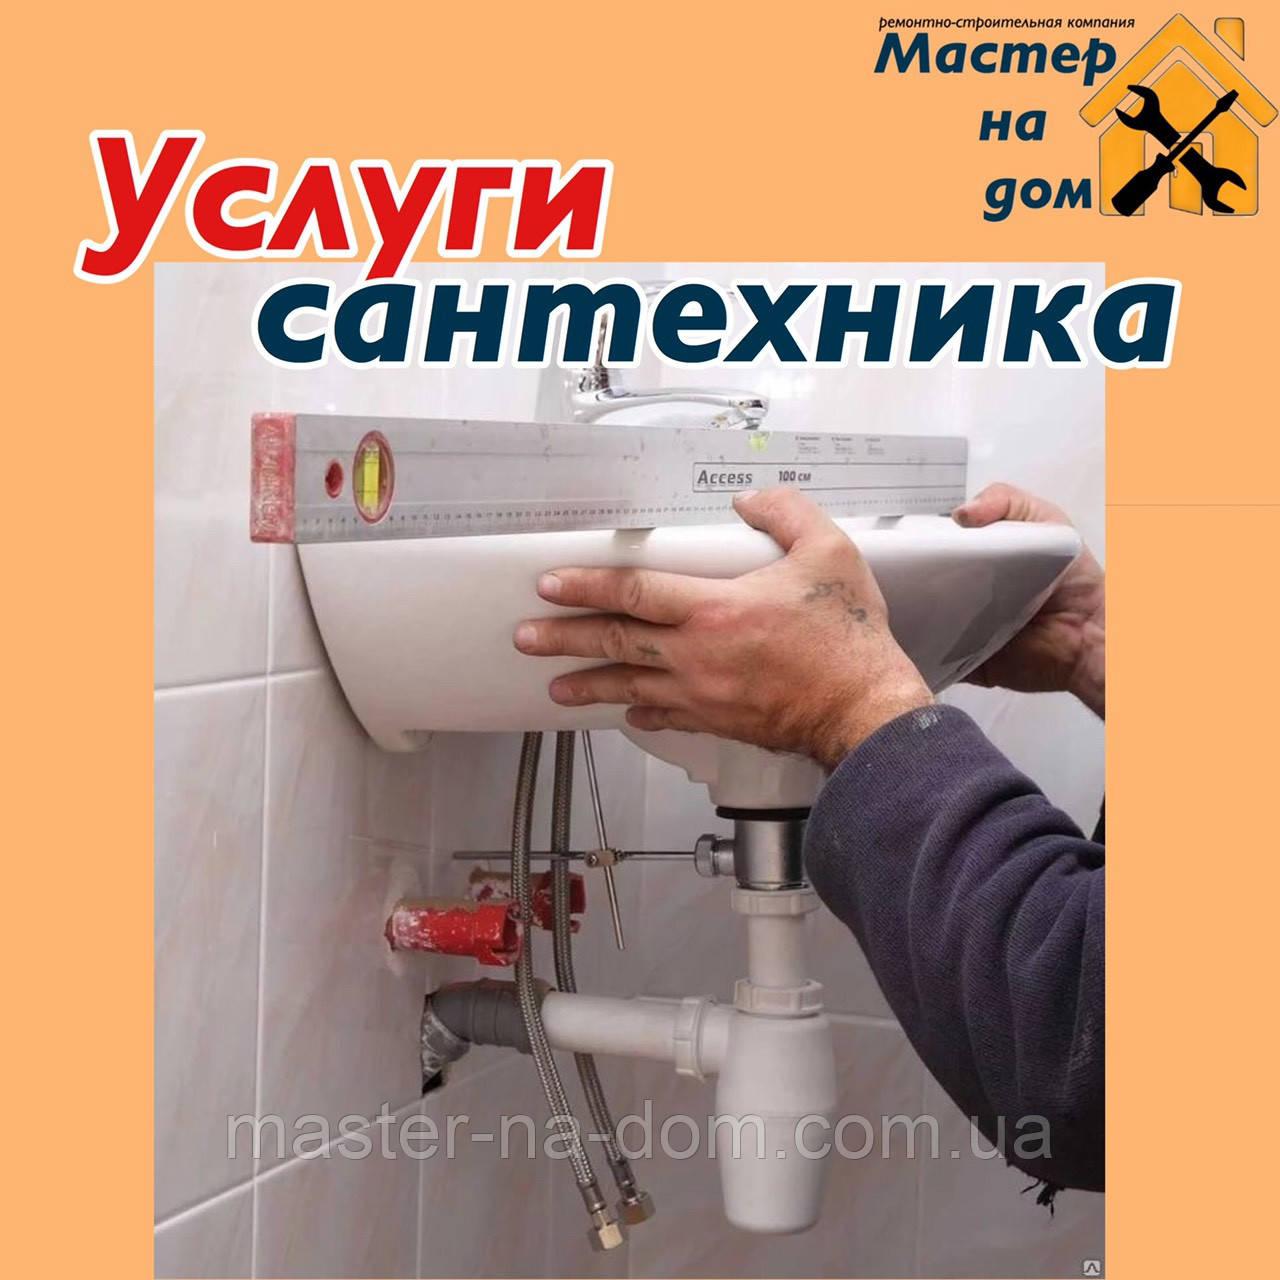 Услуги сантехника в Тернополе